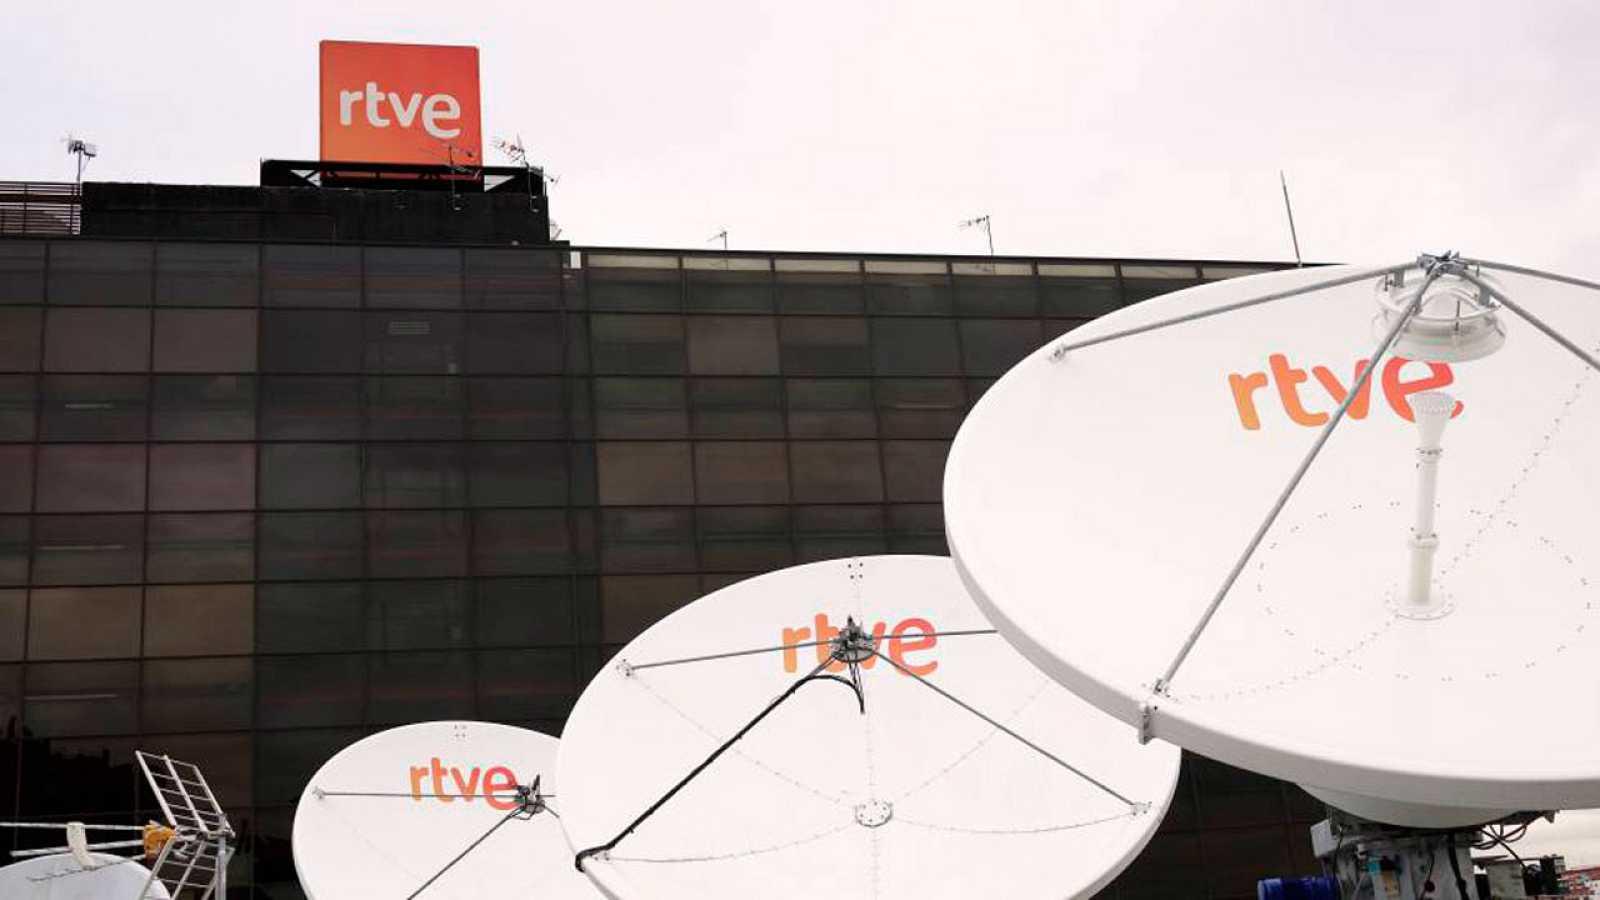 El Congreso no respalda el acuerdo de PSOE, Podemos y PNV para renovar RTVE en primera votación